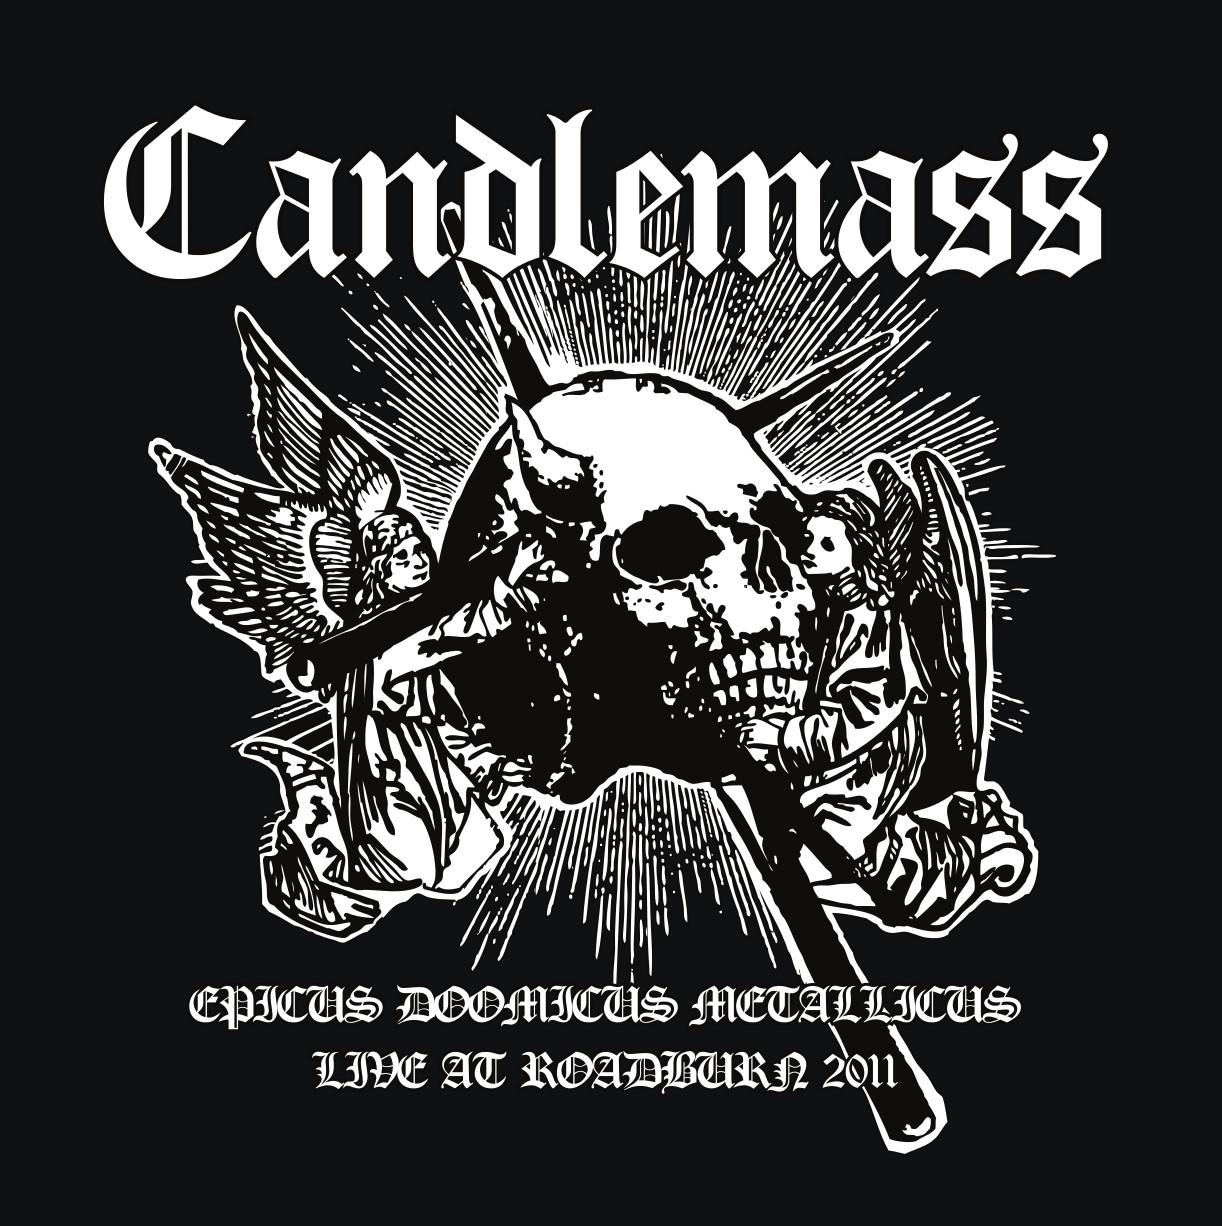 Candlemass - Epicus Doomicus Metallicus Live At Roadburn 2011 - 2013